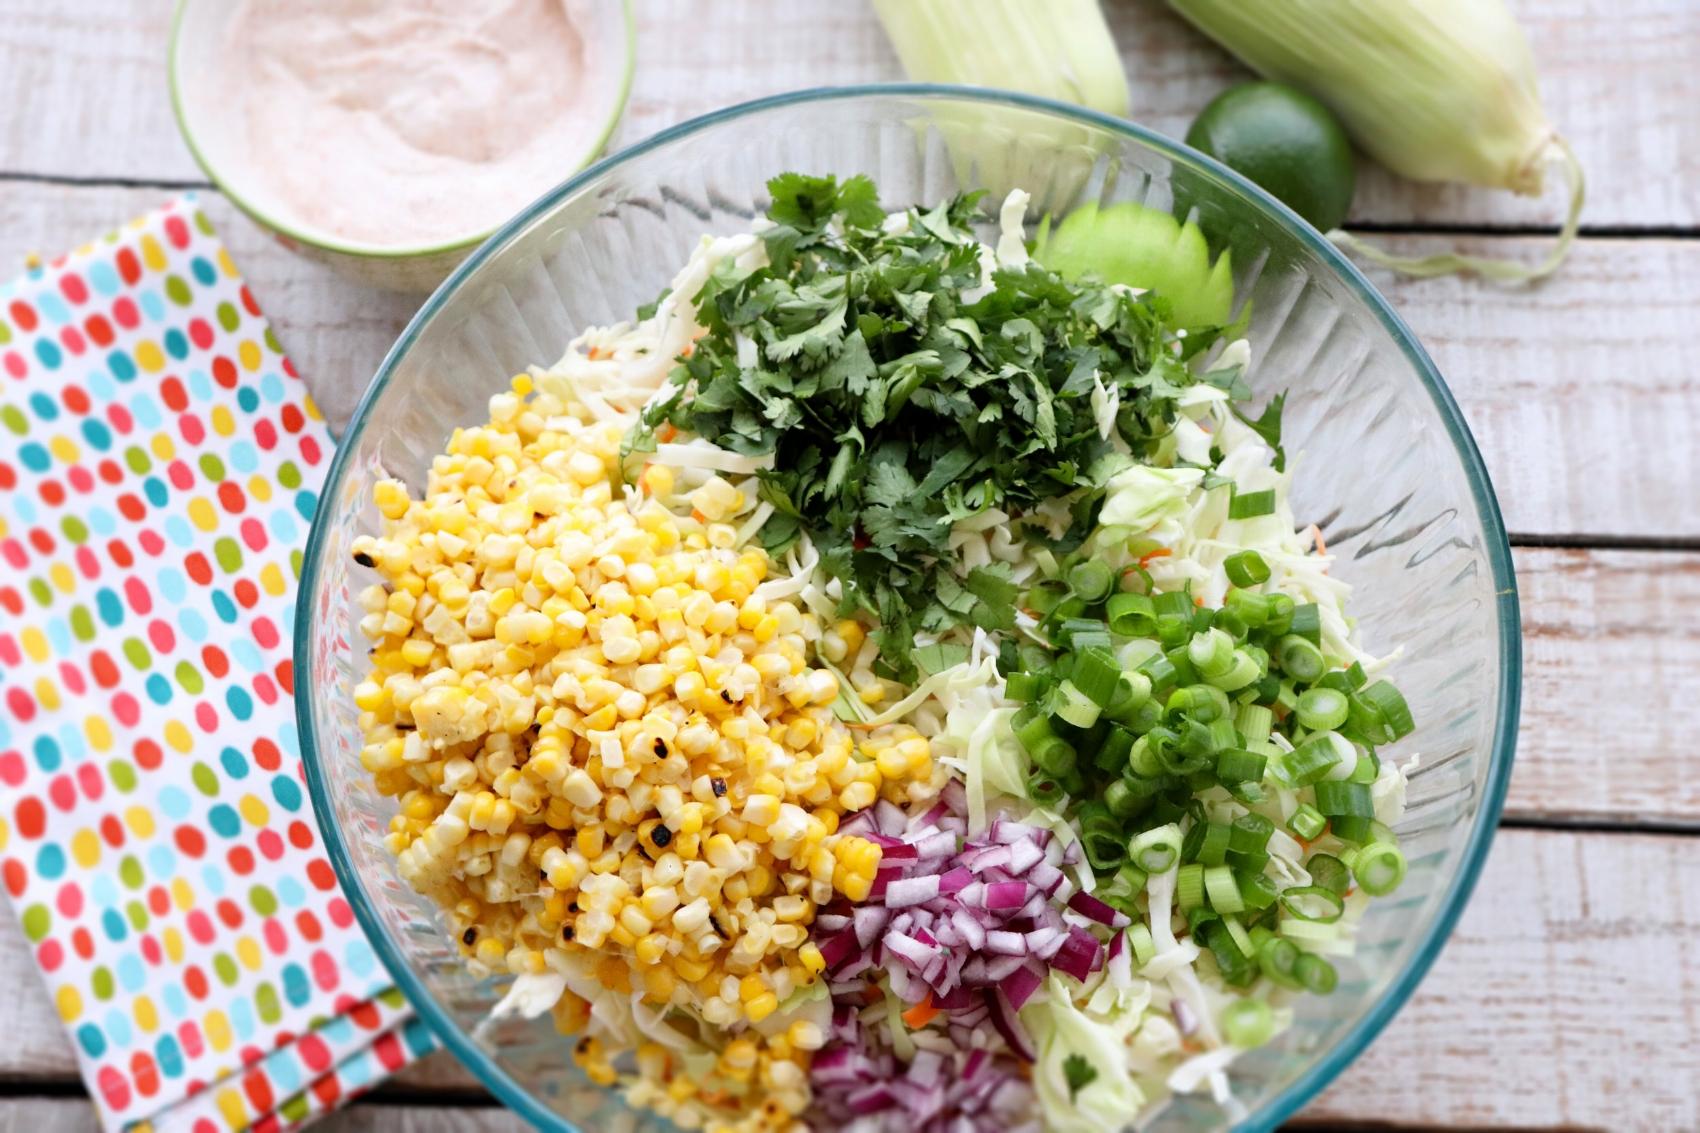 salad ingredients2.jpg